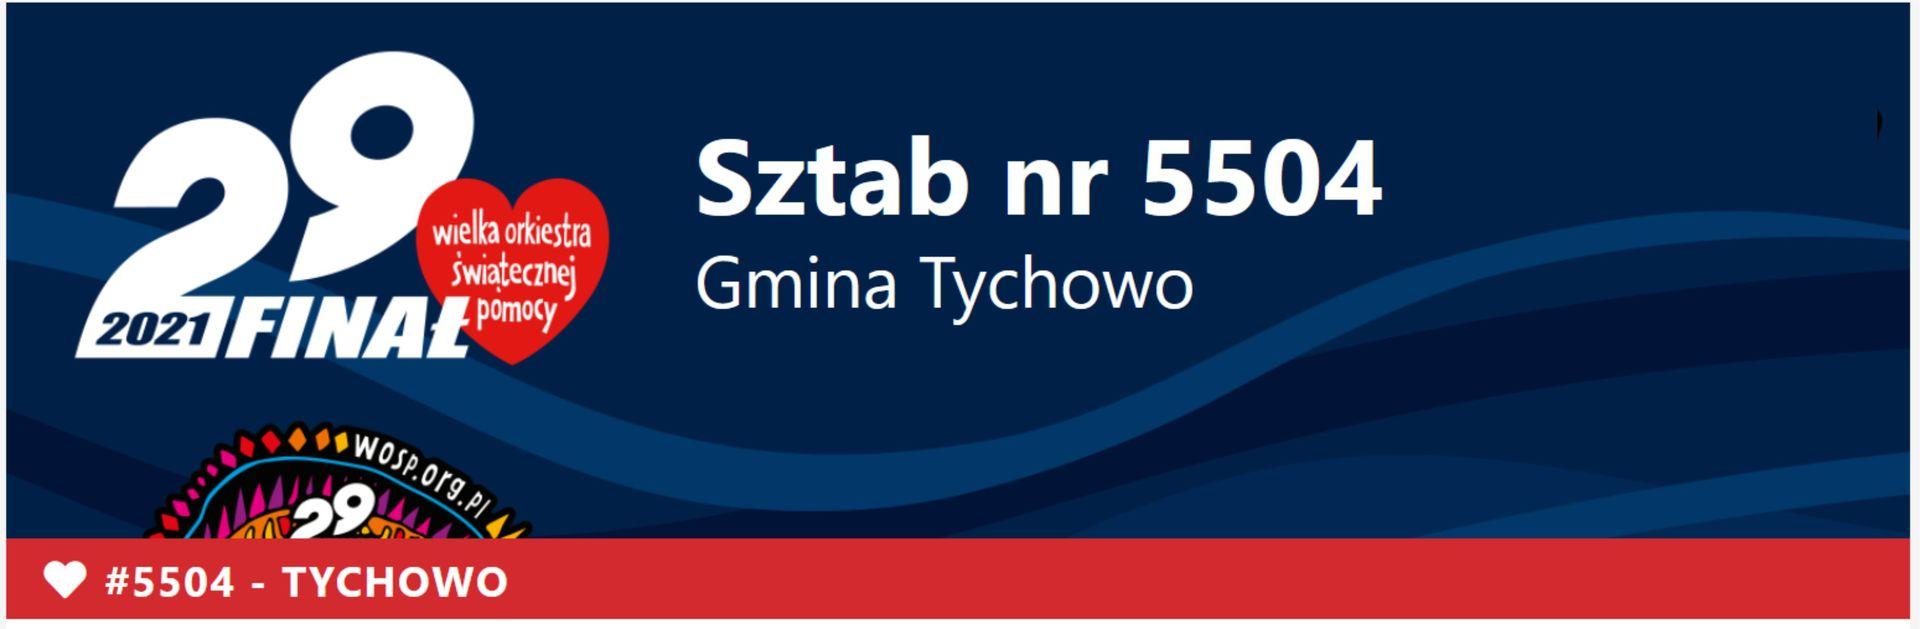 Sztab nr 5504 Gmina Tychowo. Na zdjęciu czerwono serduszko Wielkiej Orkiestry Świątecznej Pomocy